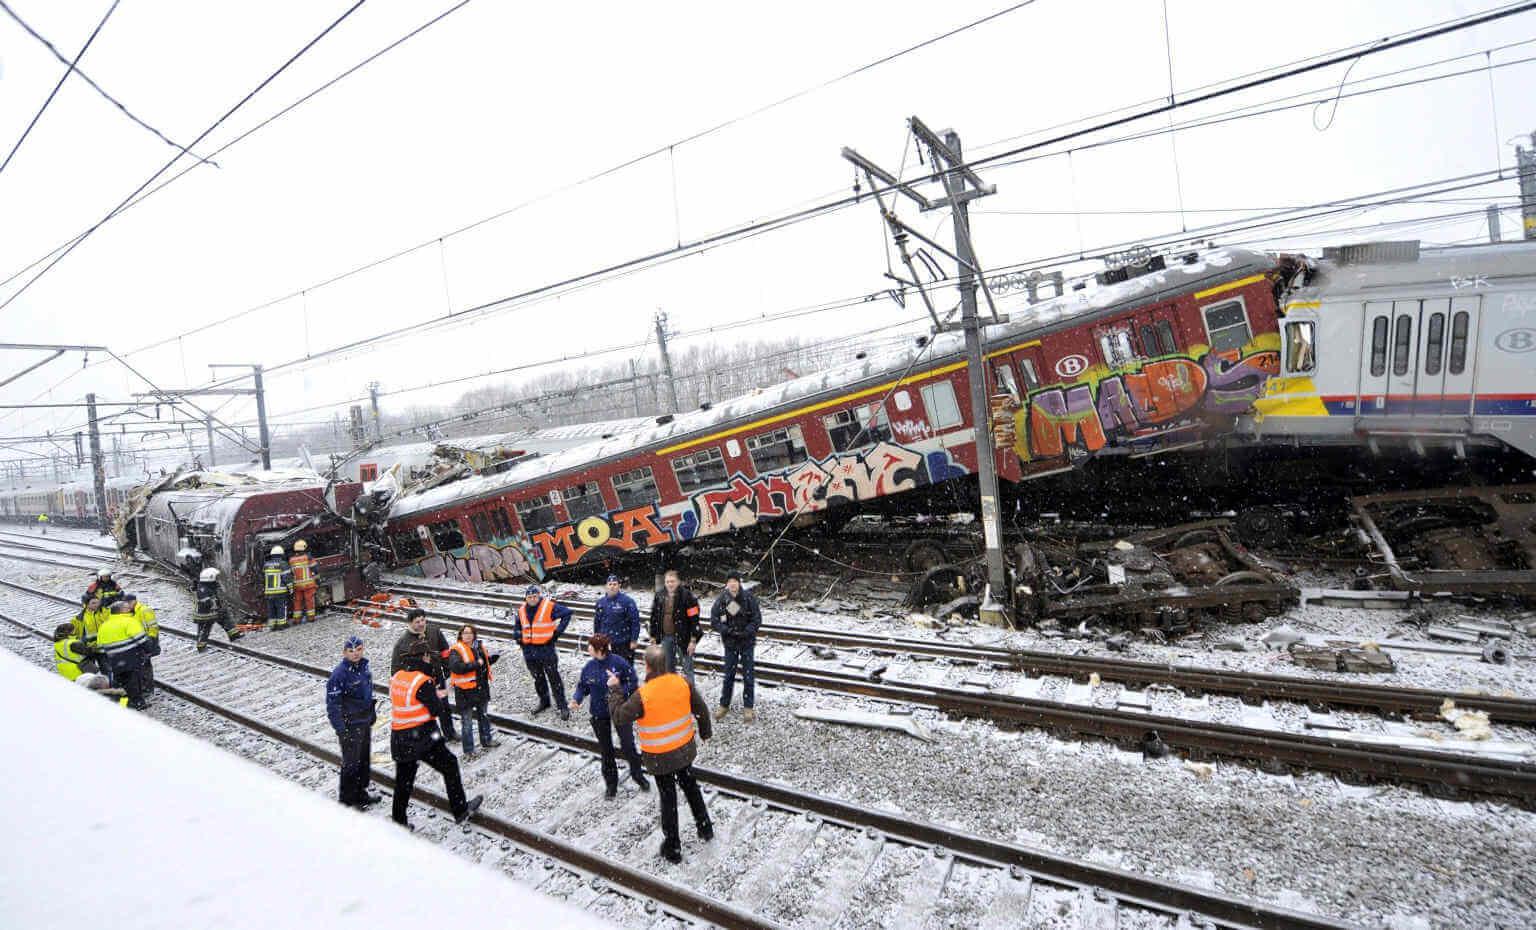 Scontro_treni_Belgio_3.jpg